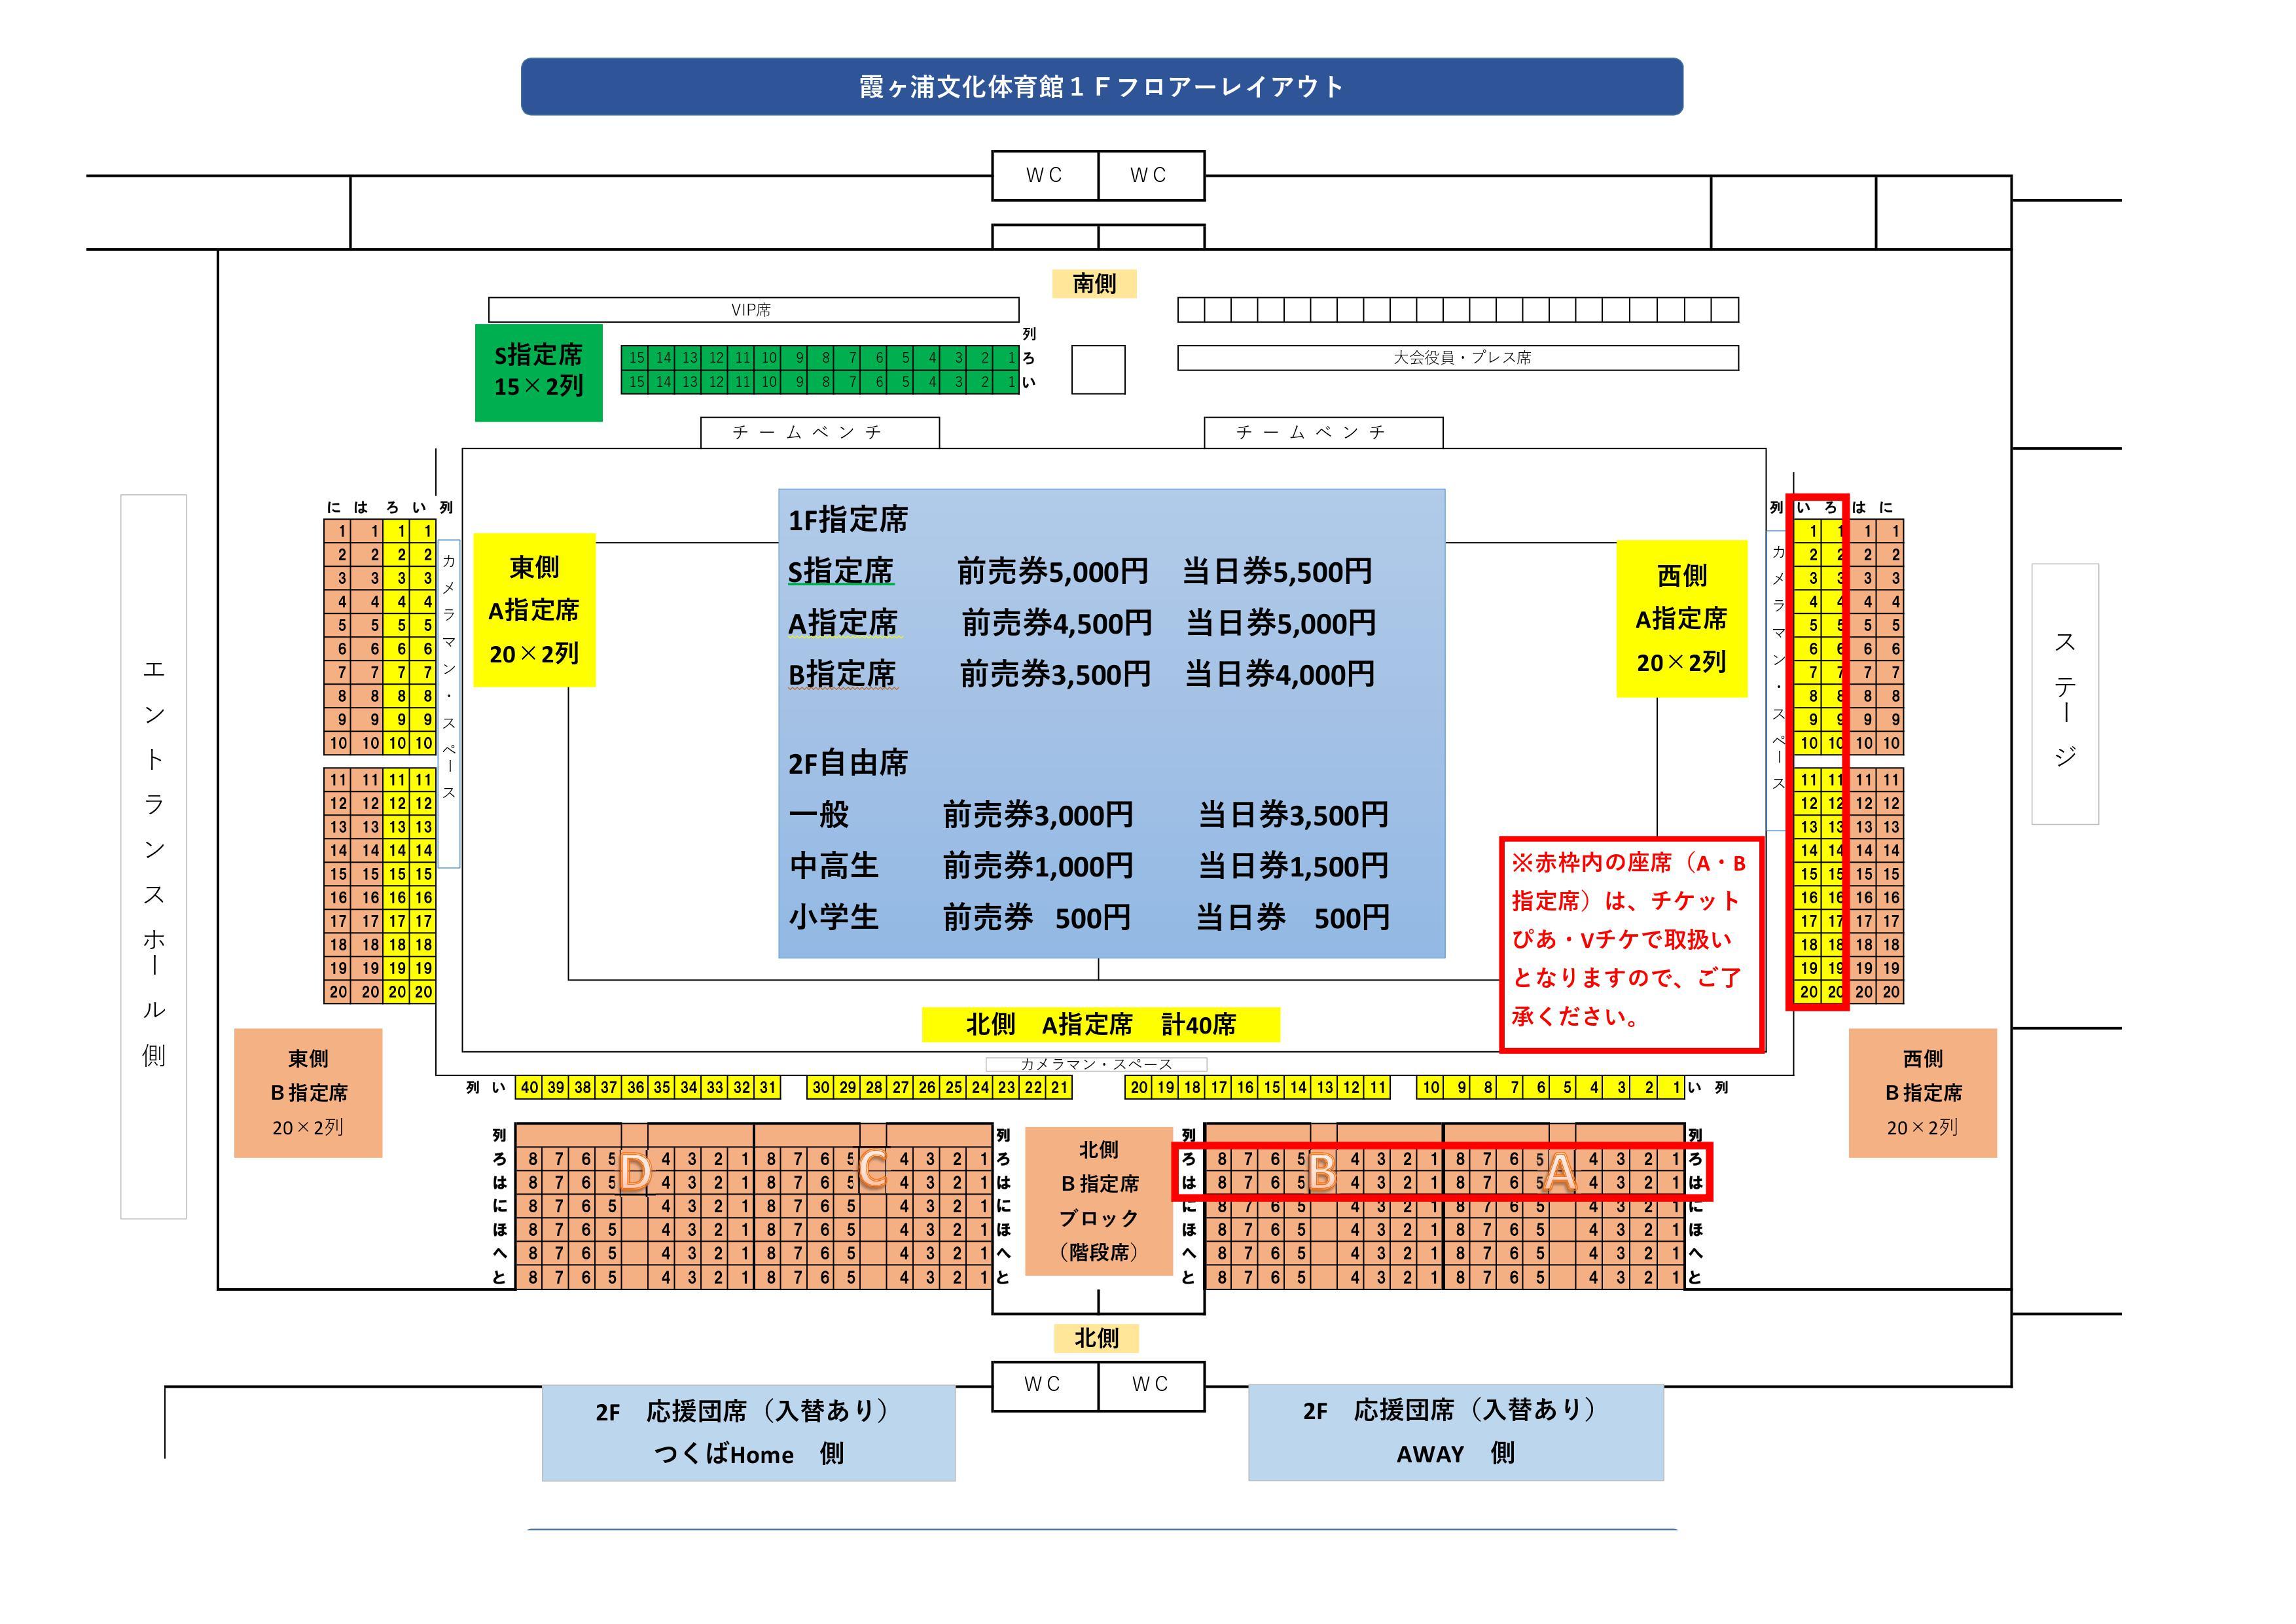 霞ヶ浦文化体育館1Fフロアーレイアウト